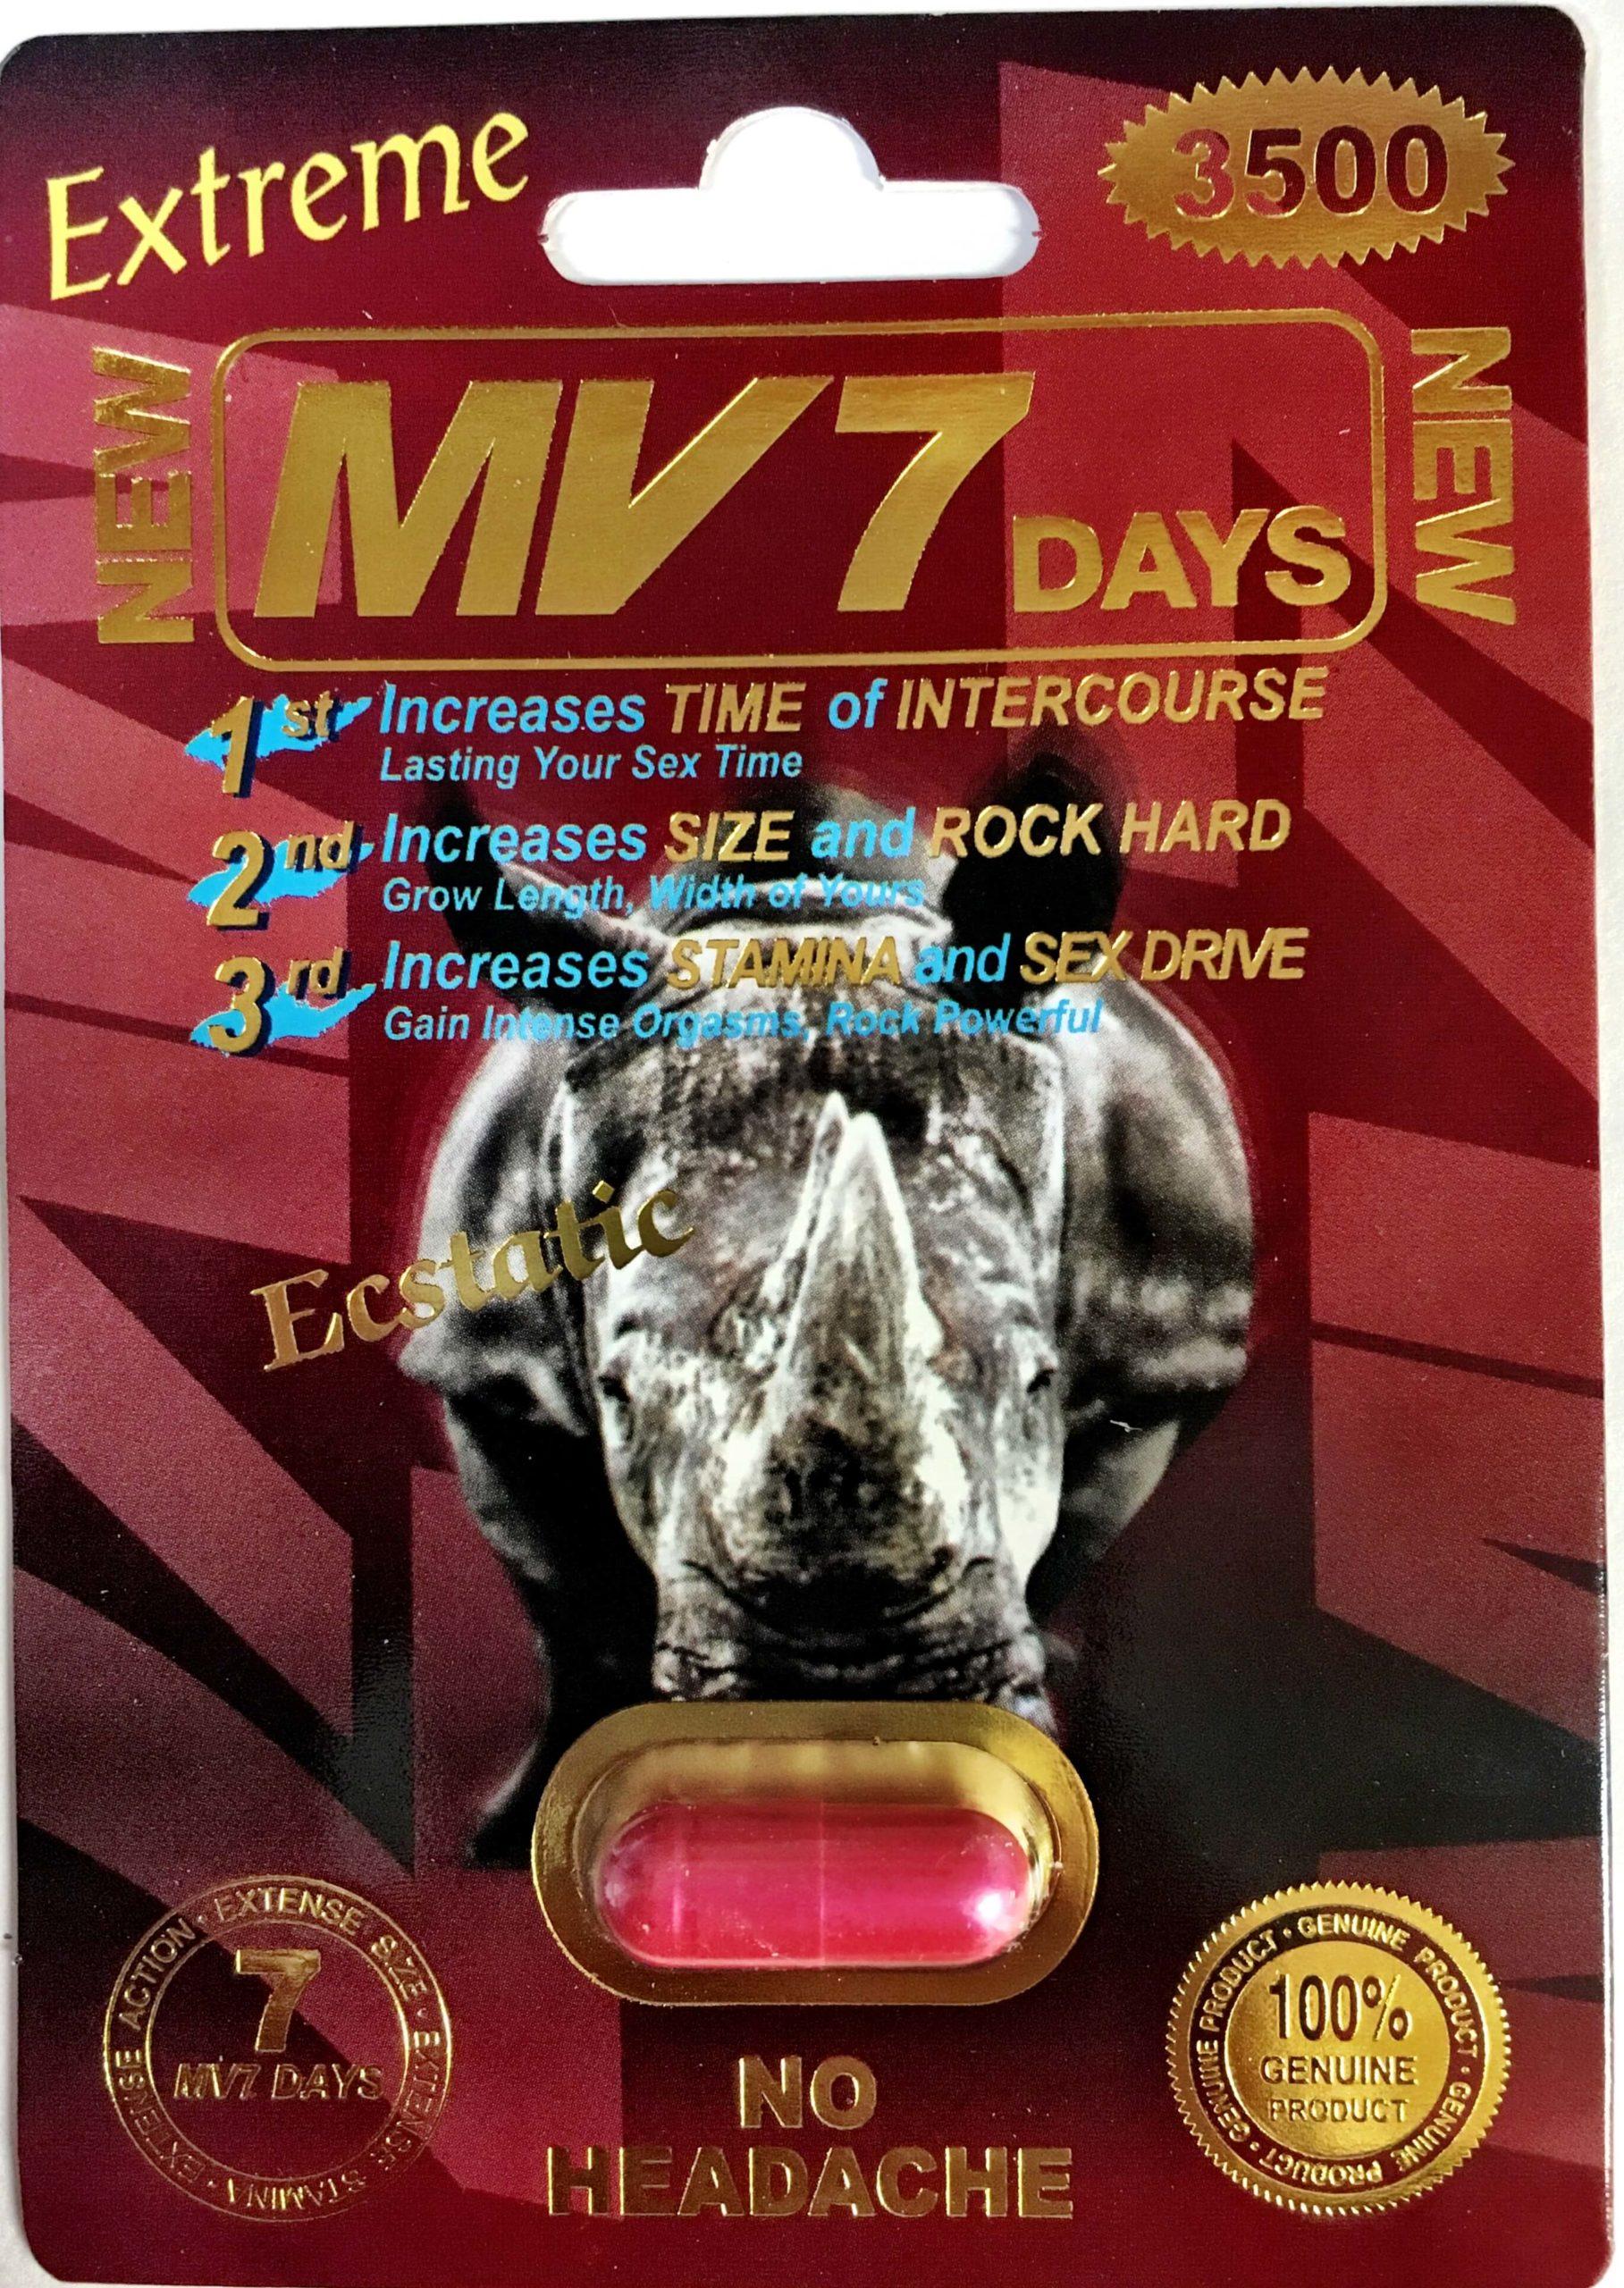 MV7Days Extreme